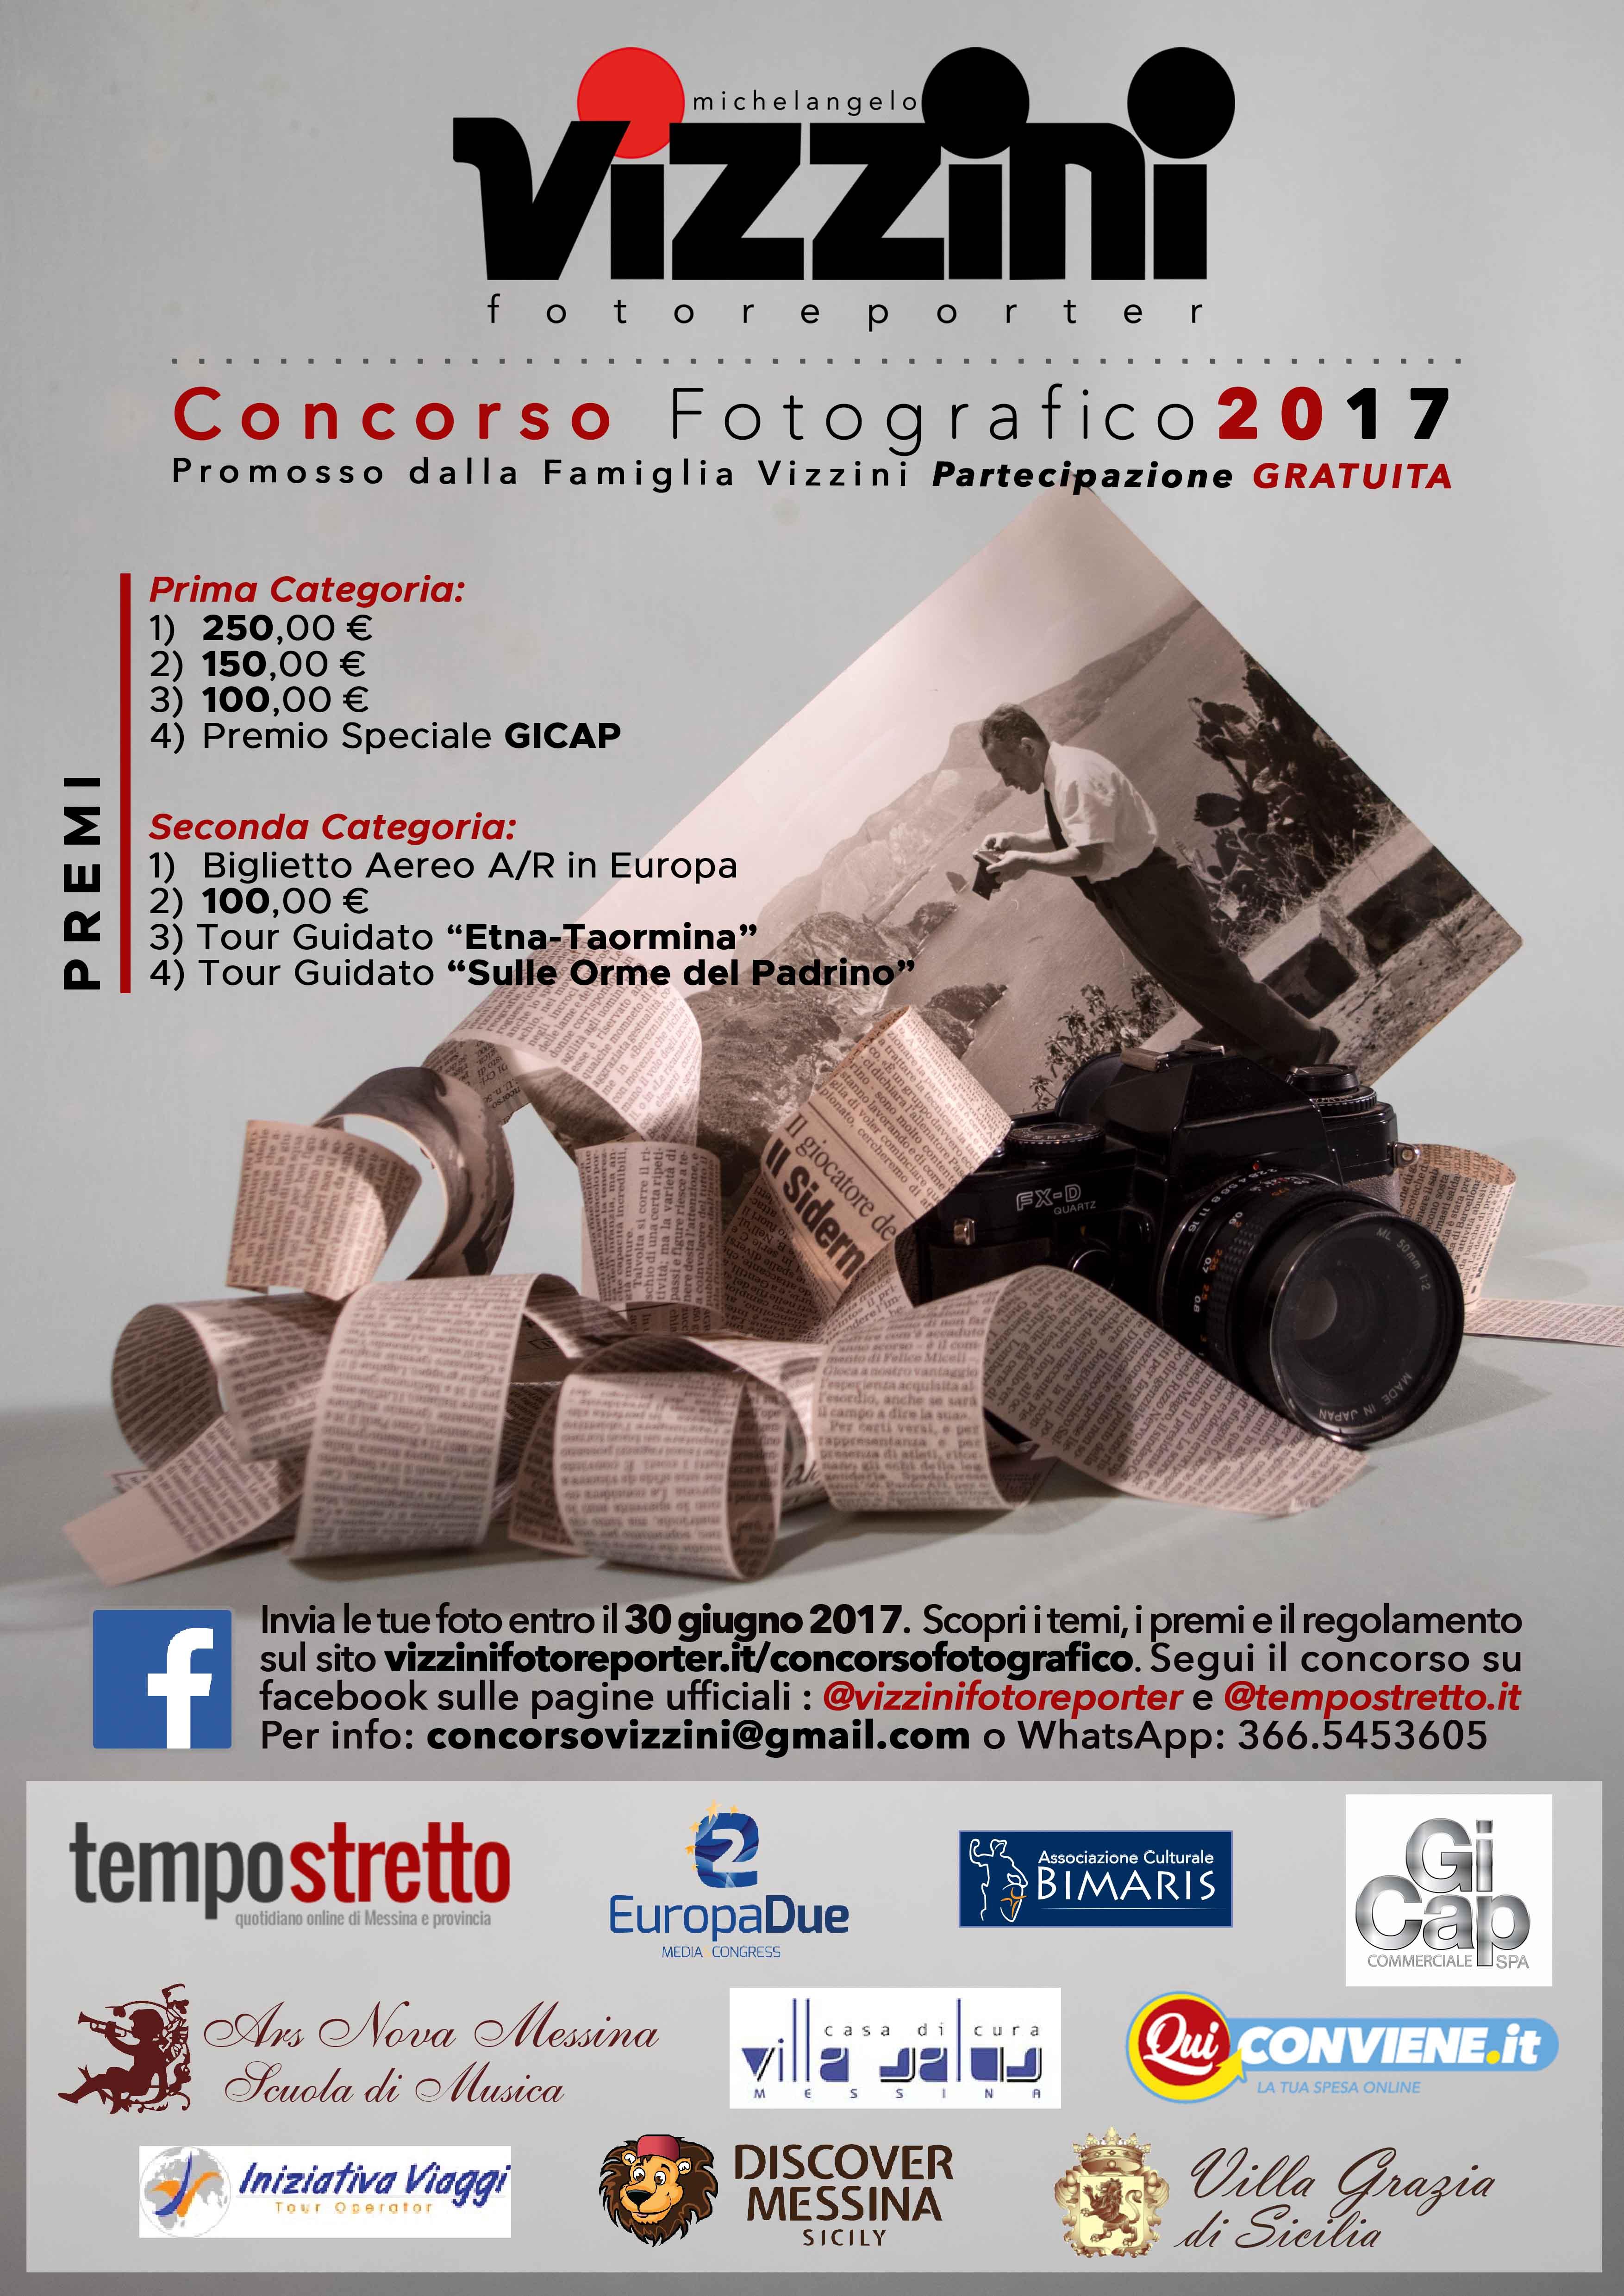 Concorso Michelangelo Vizzini Fotoreporter 2017